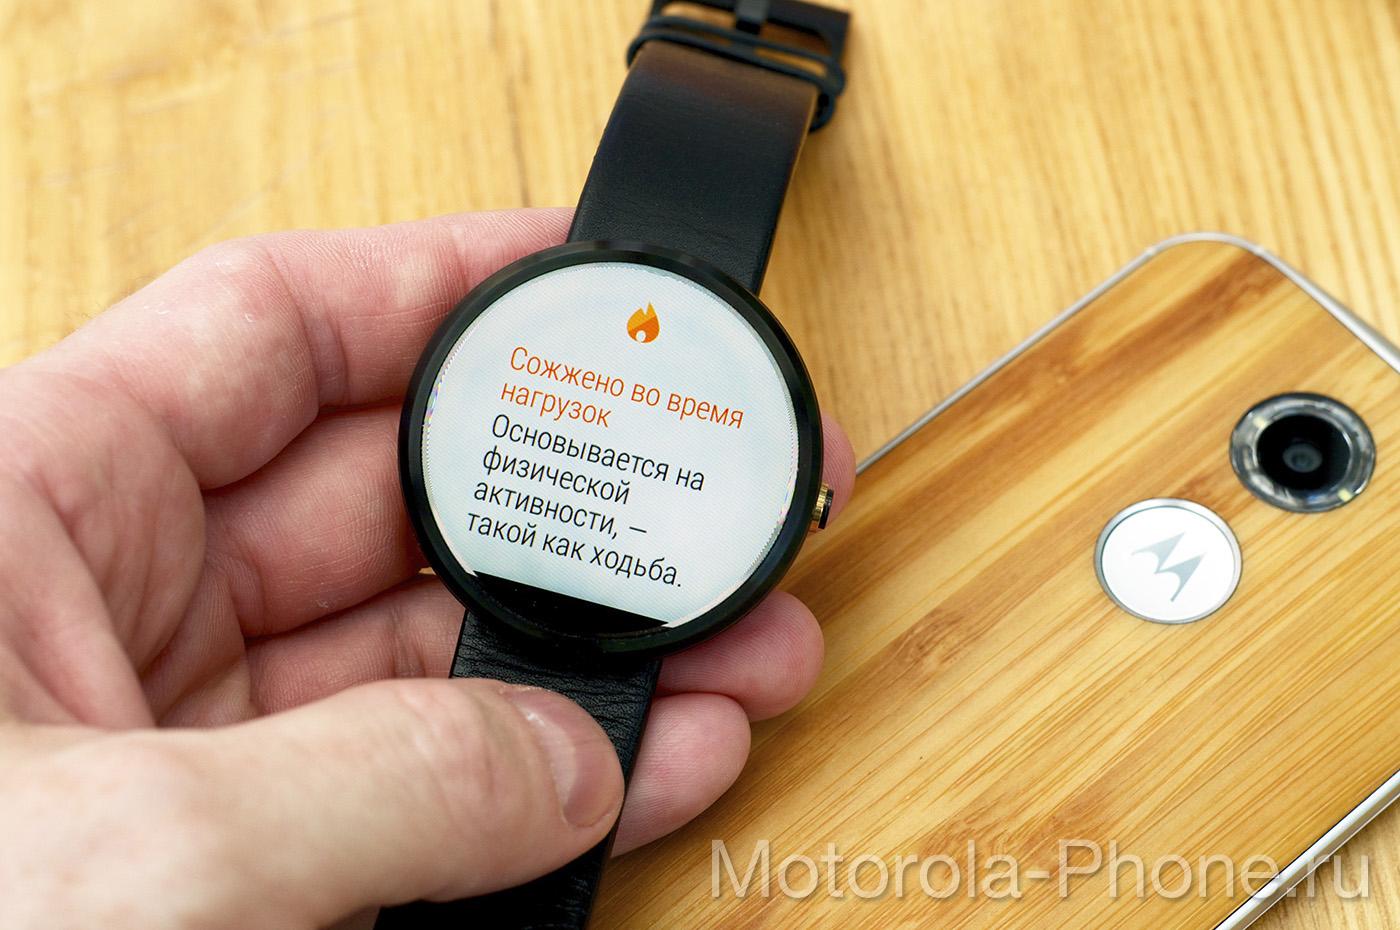 Motorola-Moto-360-Android-Wear-5-1-33 copy